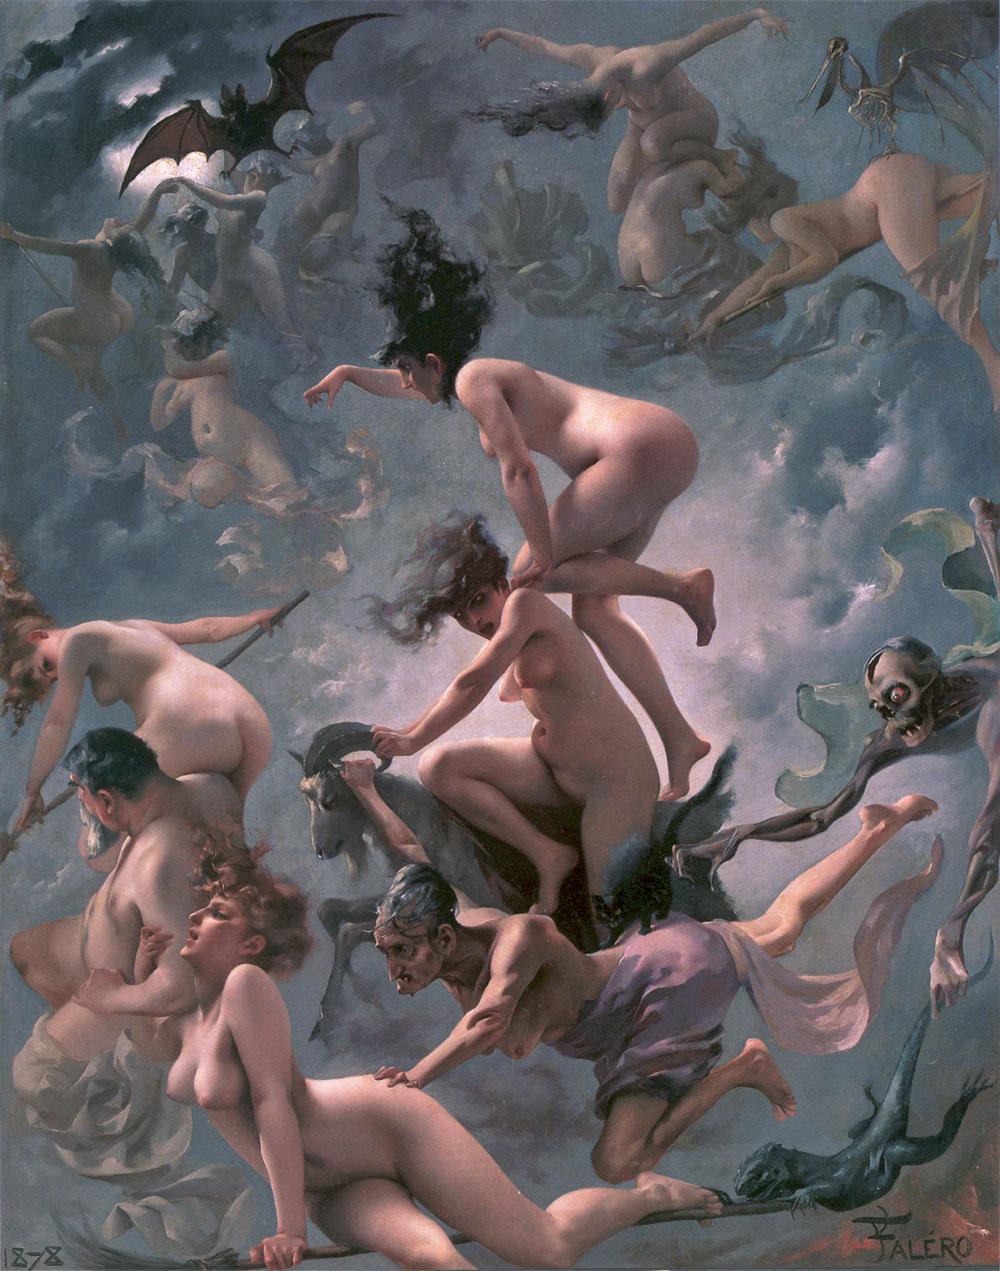 Pintura realizada por  Luis Ricardo Falero  Brujas yendo al Sabbath, Oleo sobre lienzo (1878)